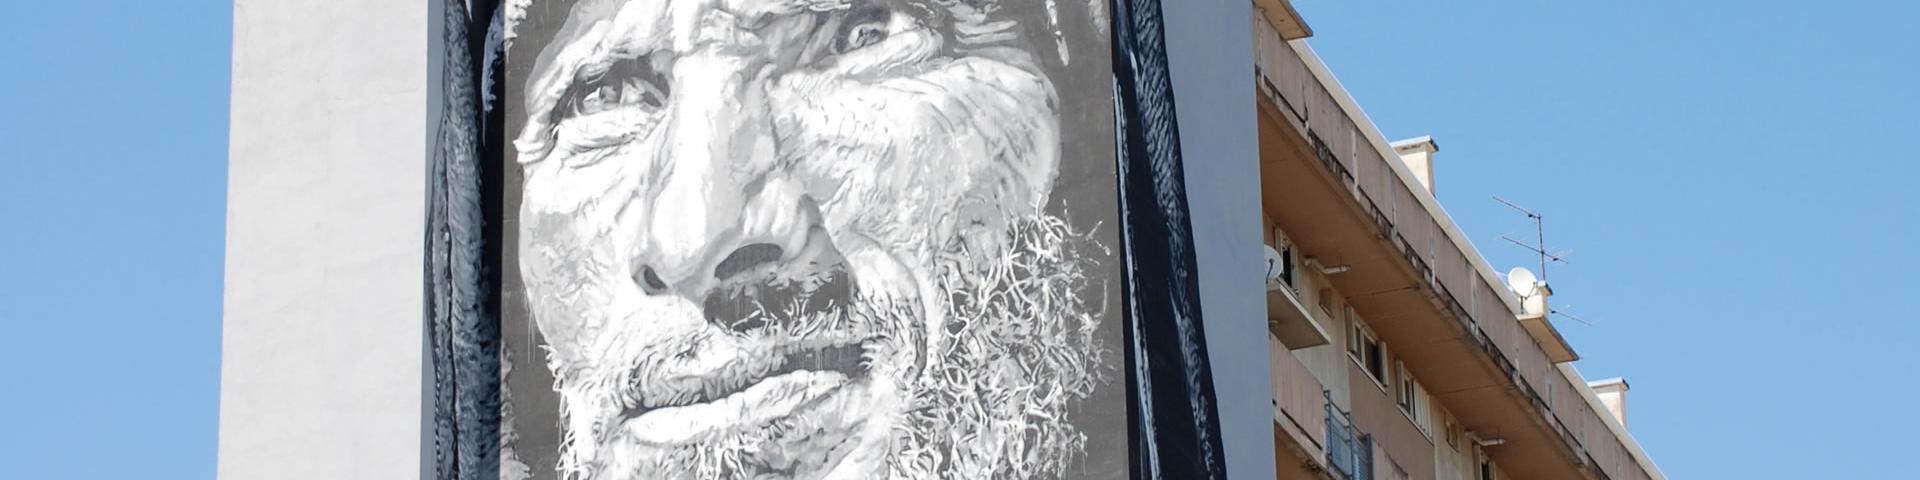 Le top 10 des graff à Toulouse